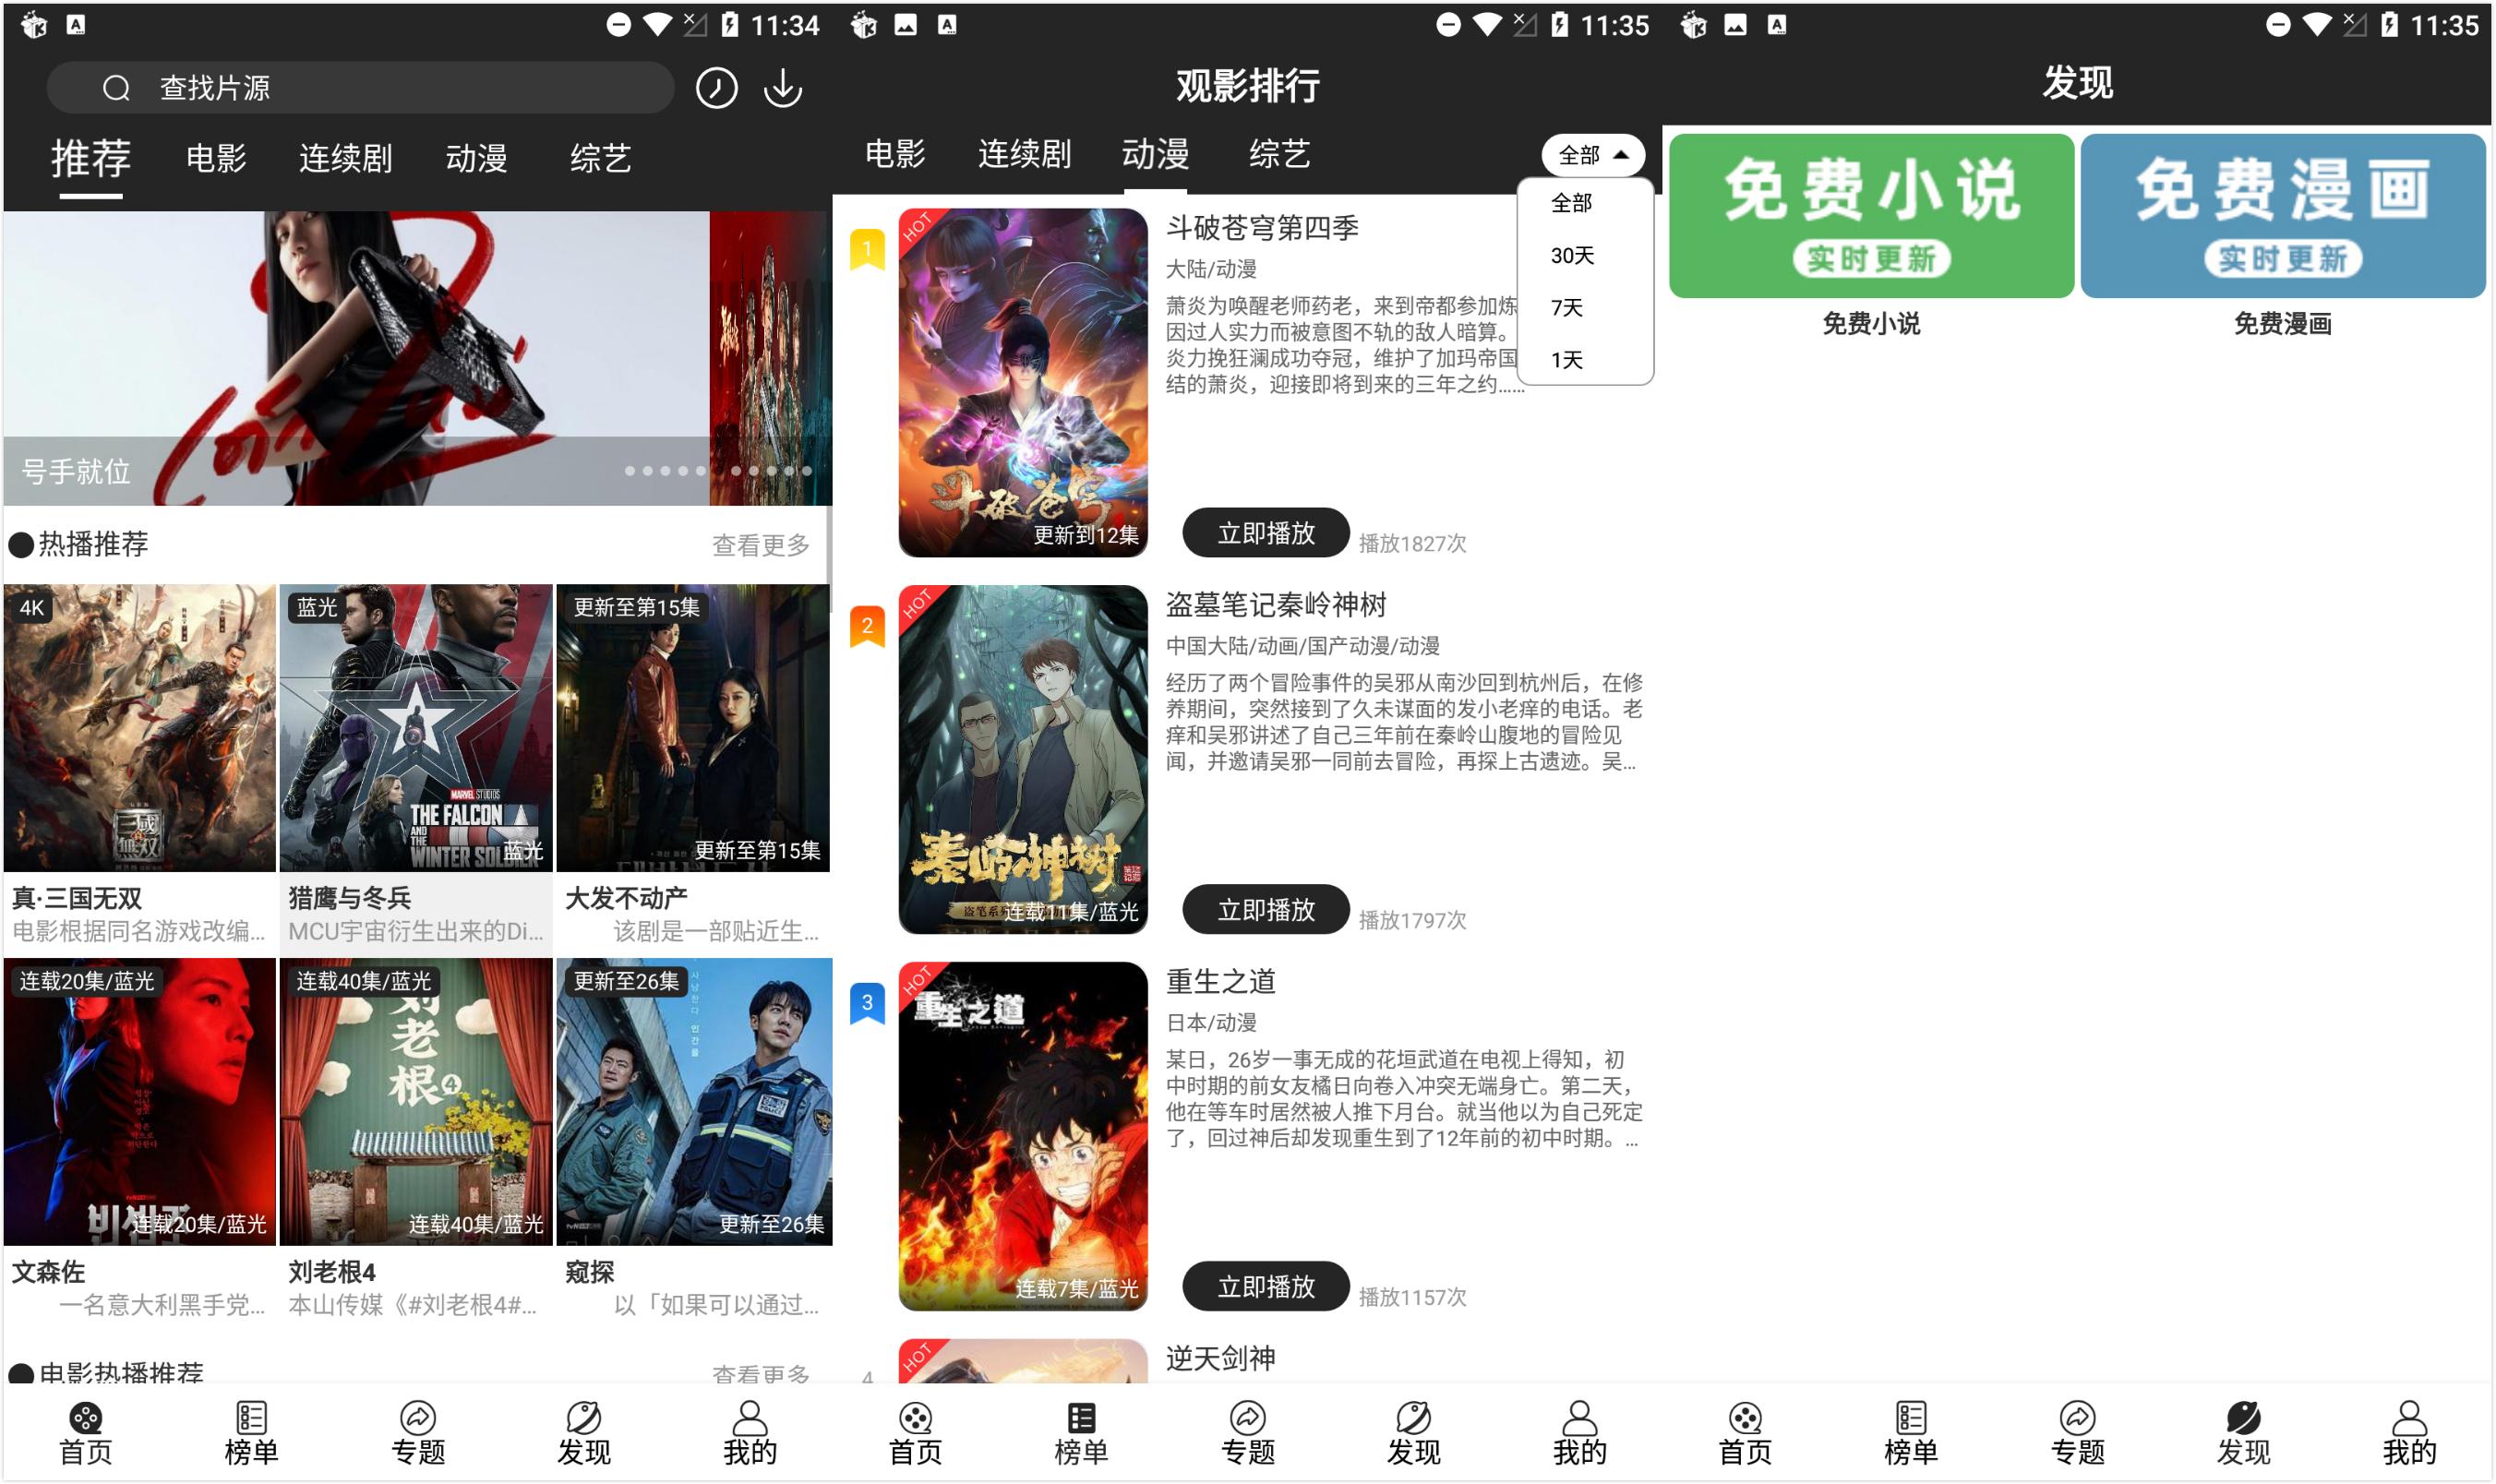 软件推荐[Android]淘剧社 v4.1.2 去广告高级版